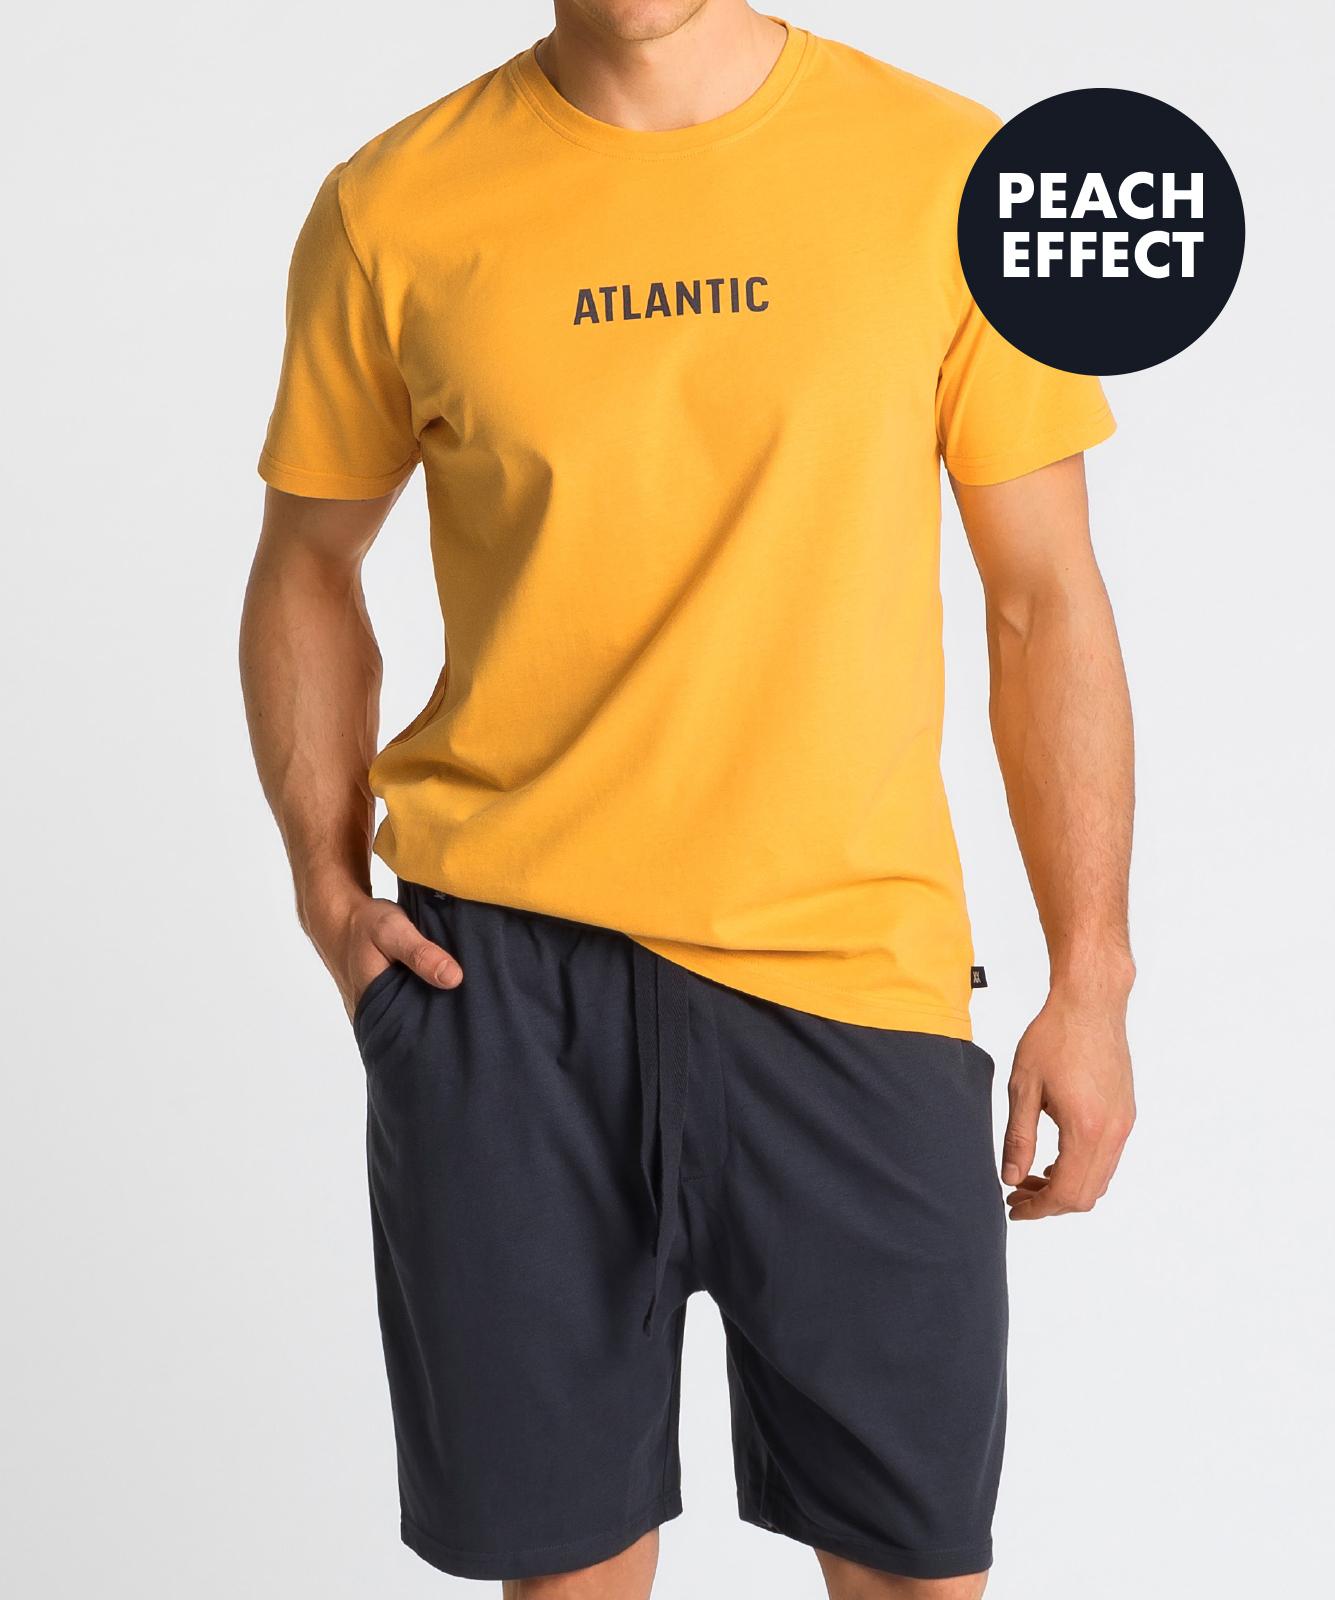 Мужская пижама Atlantic, 1 шт. в уп., хлопок, желтая, NMP-346